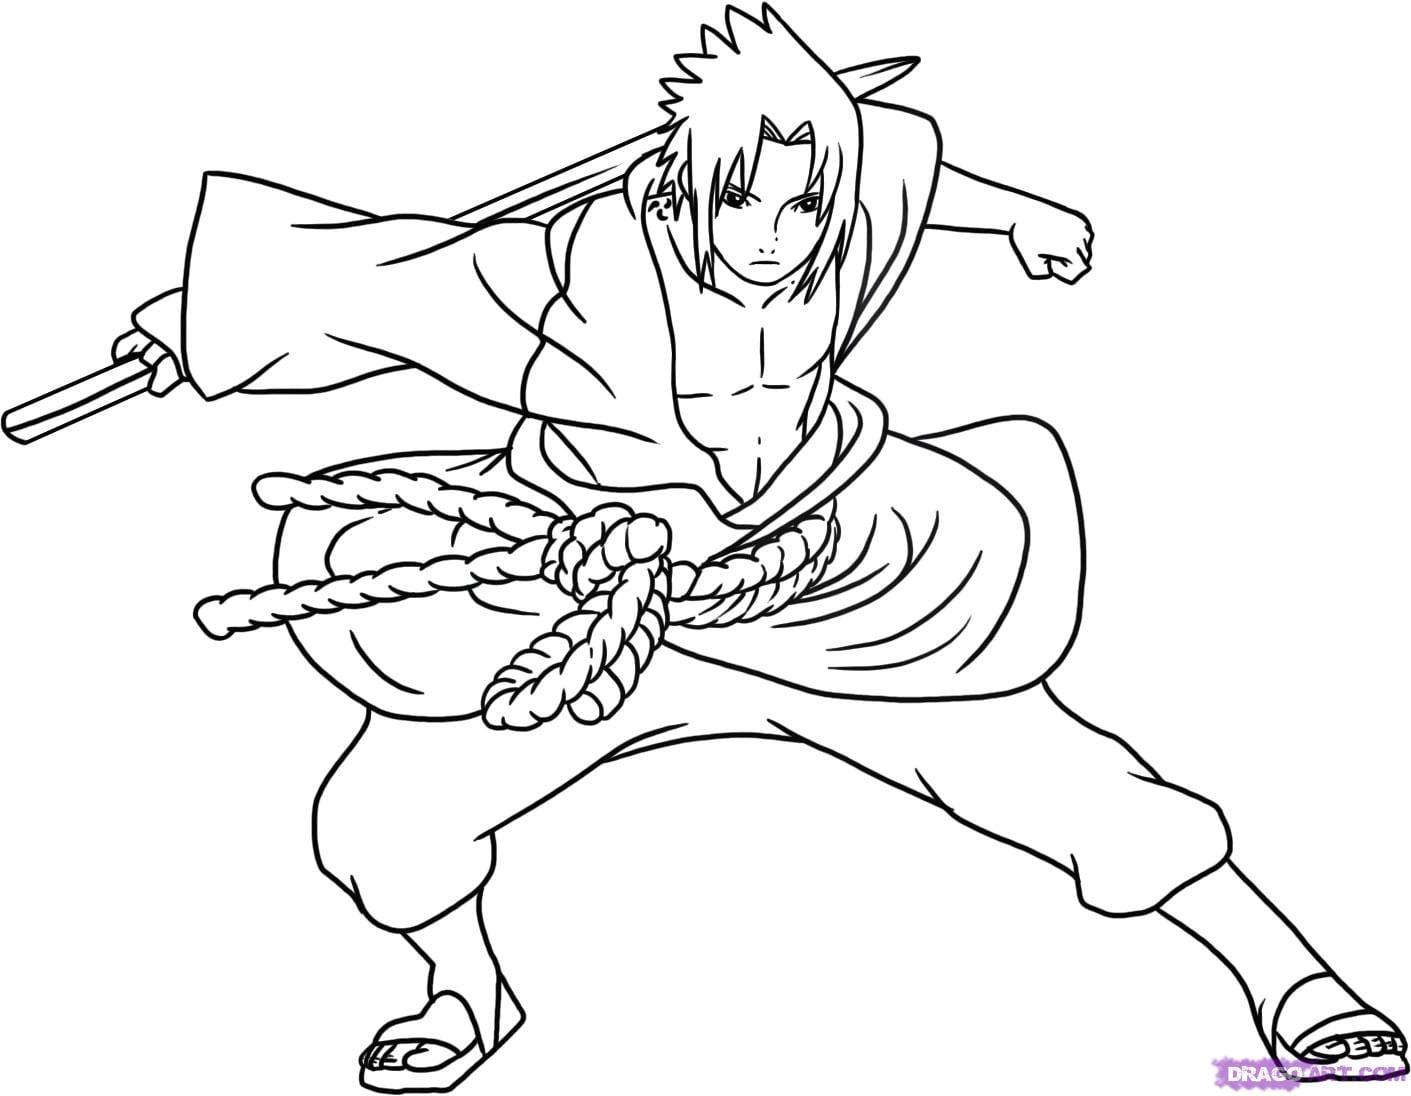 Naruto Vs Sasuke Drawing At Getdrawings Com